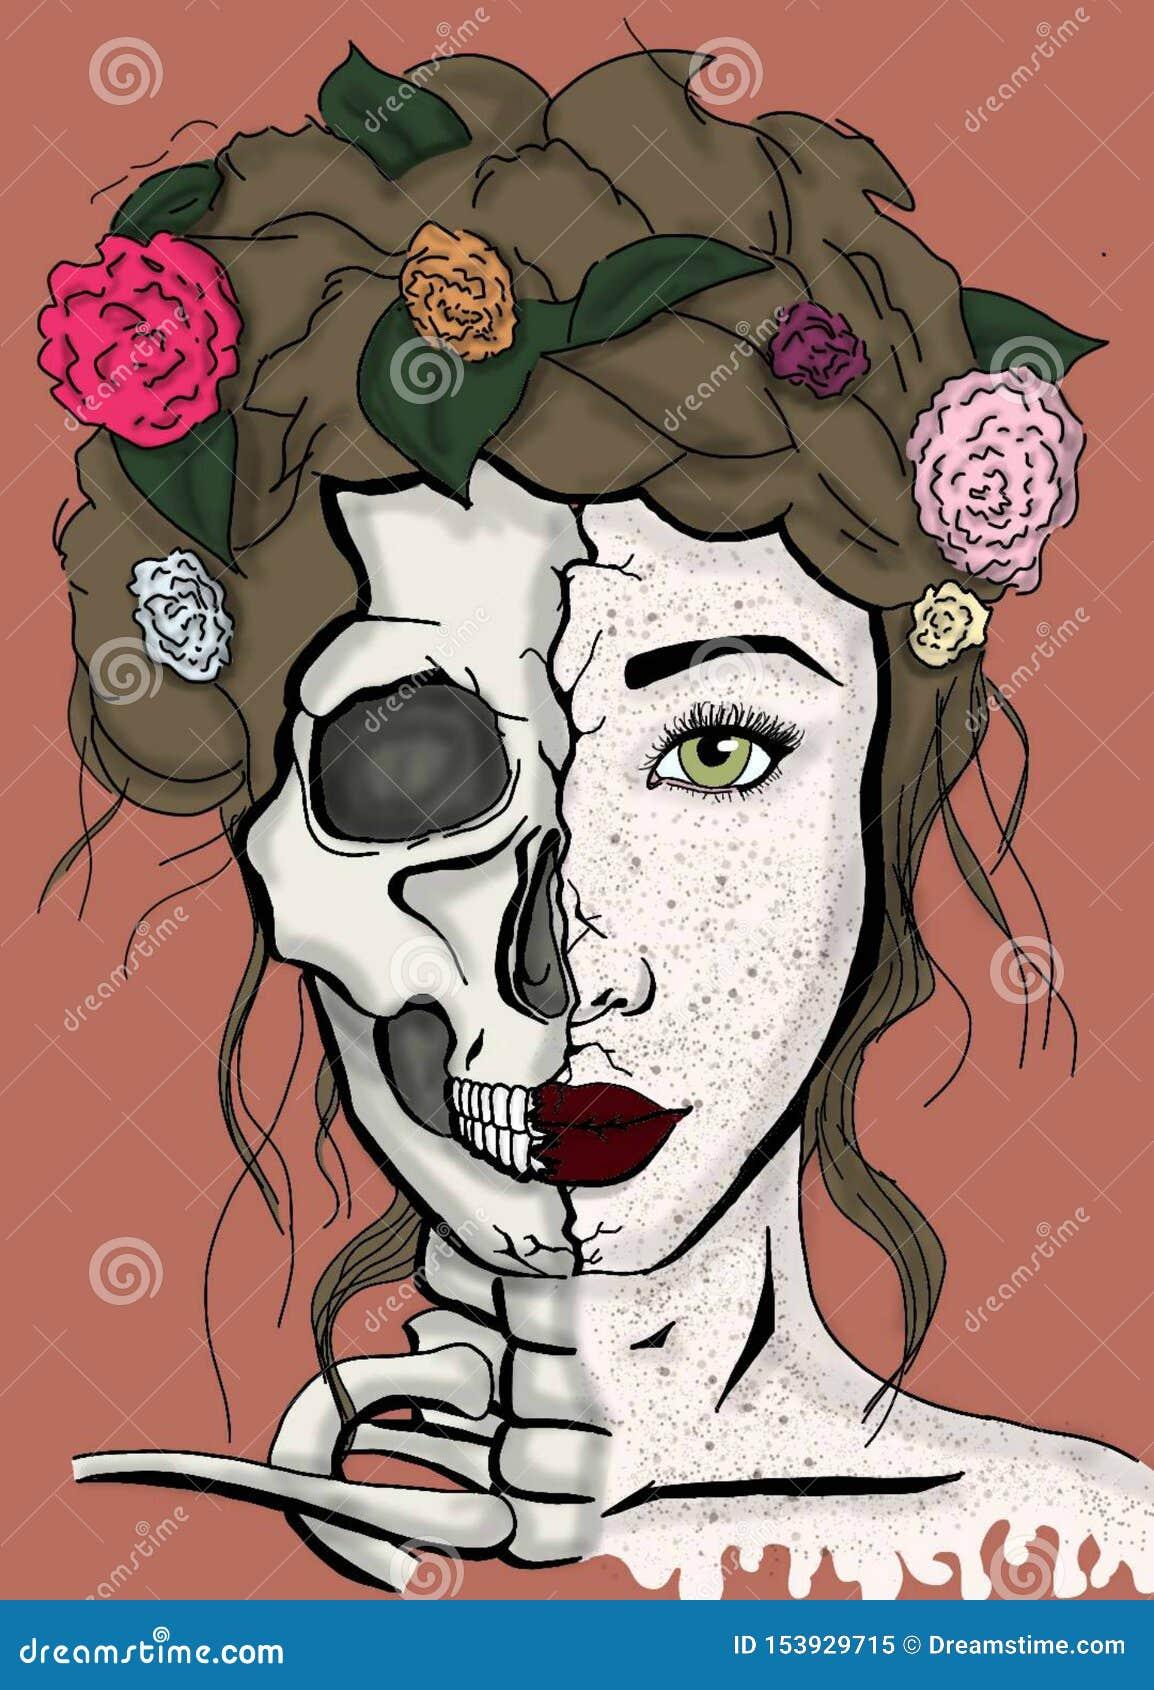 The Split Side of Beauty